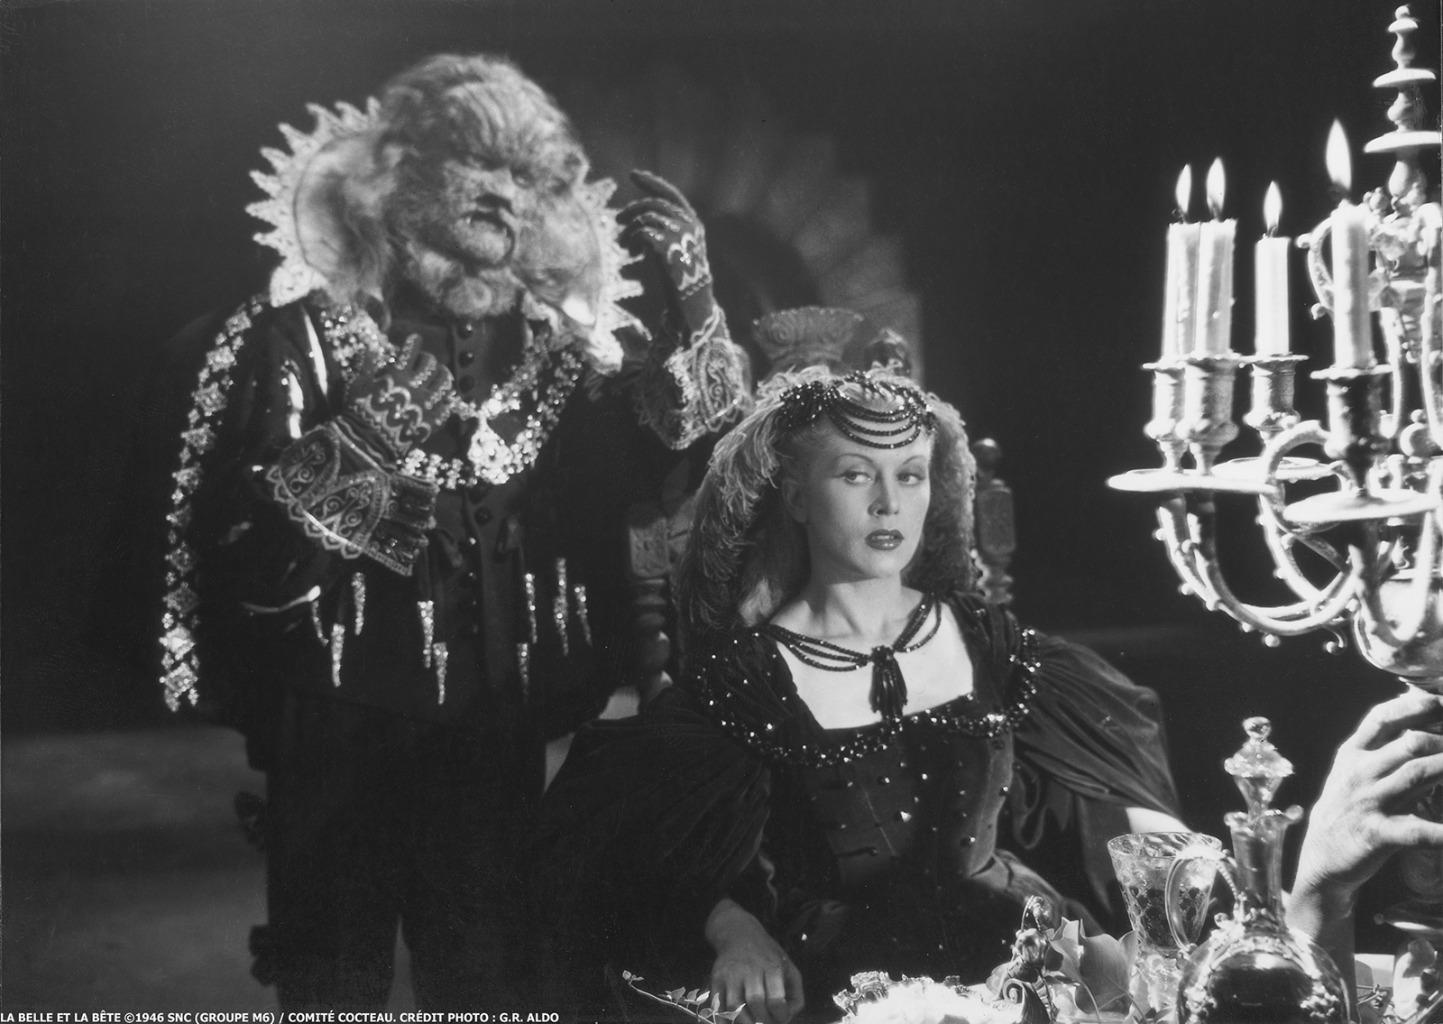 La Belle et la bête : Photo